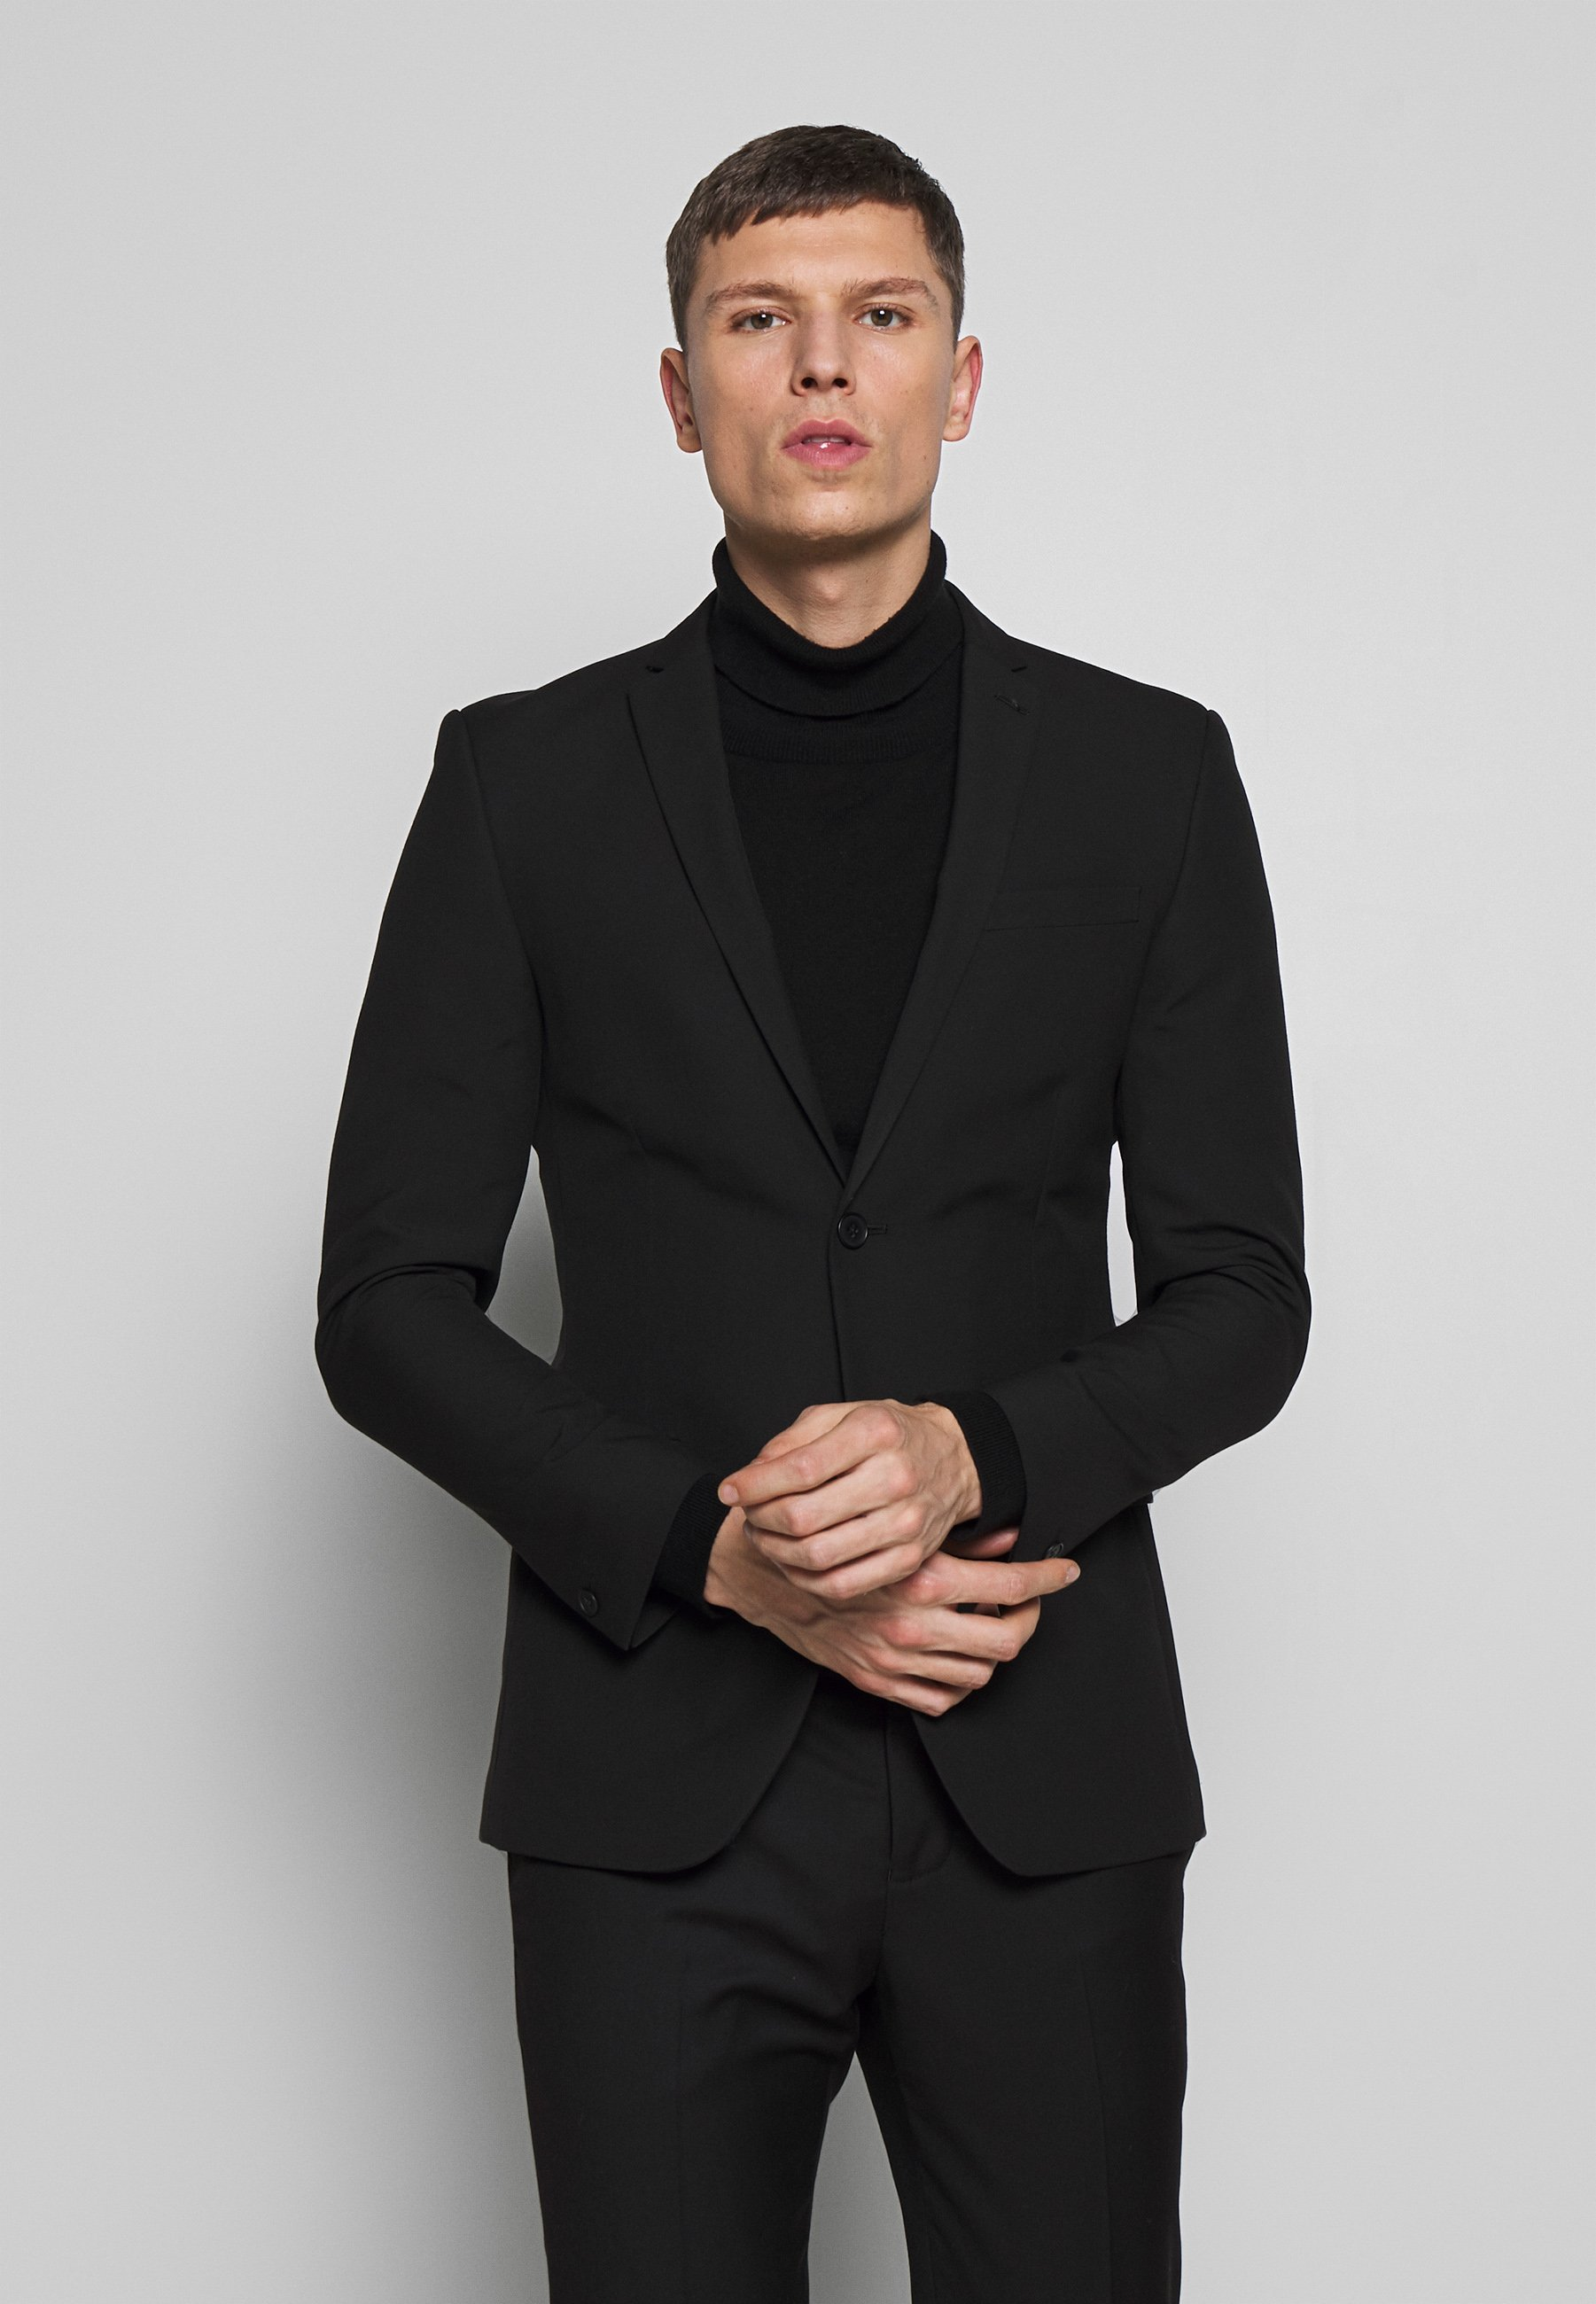 Best Buy Miesten vaatteet Sarja dfKJIUp97454sfGHYHD Limehaus SUIT SLIM FIT Puku black